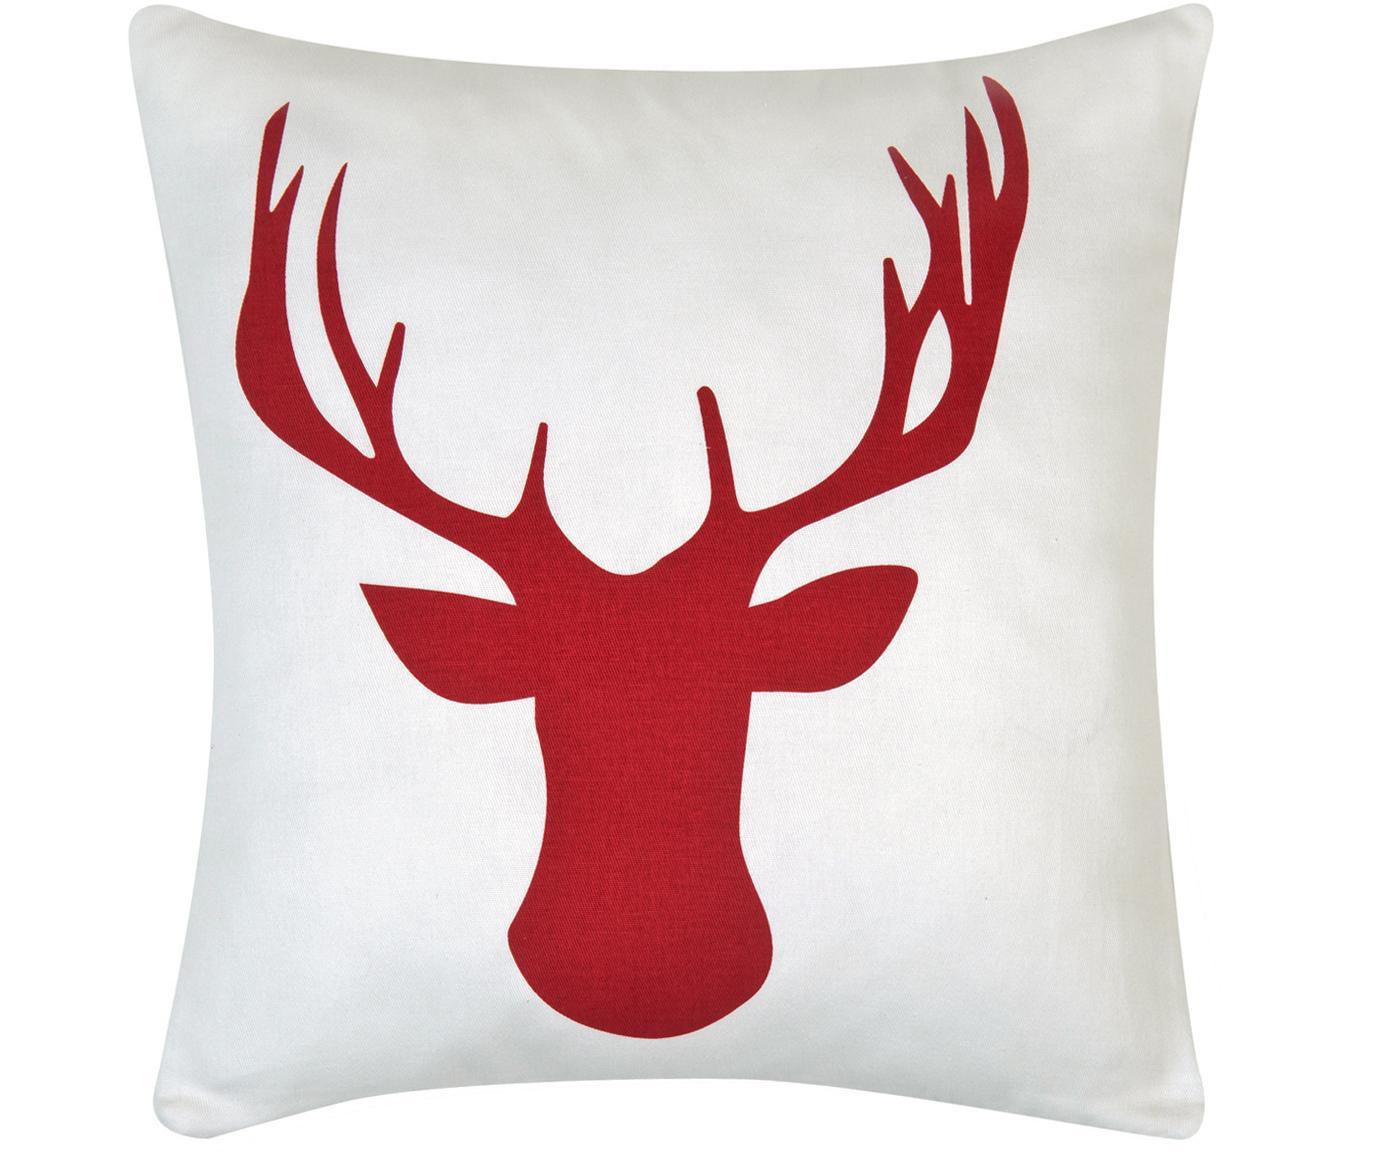 Kussenhoes Deer, 100% katoen, Panama binding, Donkerrood, ecru, 40 x 40 cm